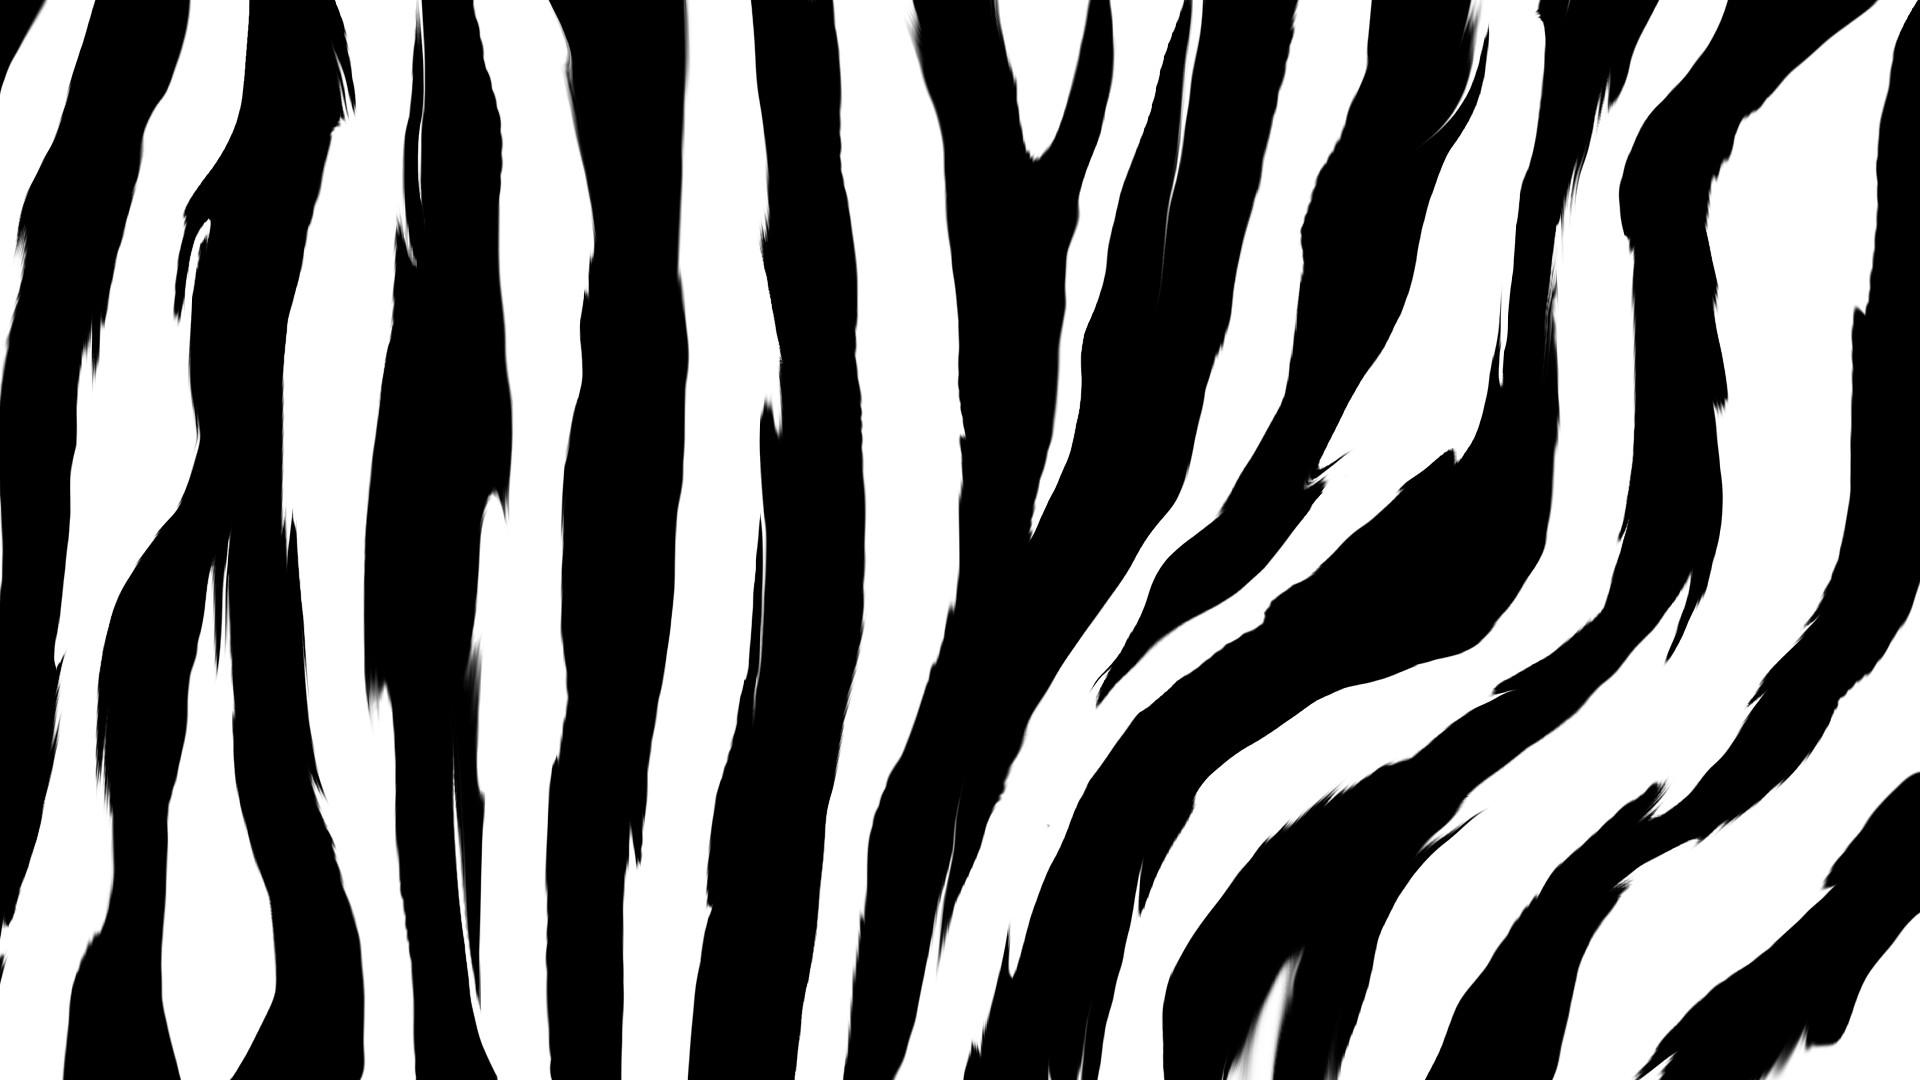 Neon Animal Print Wallpaper Zebra Desktop Backgrounds 71 Images